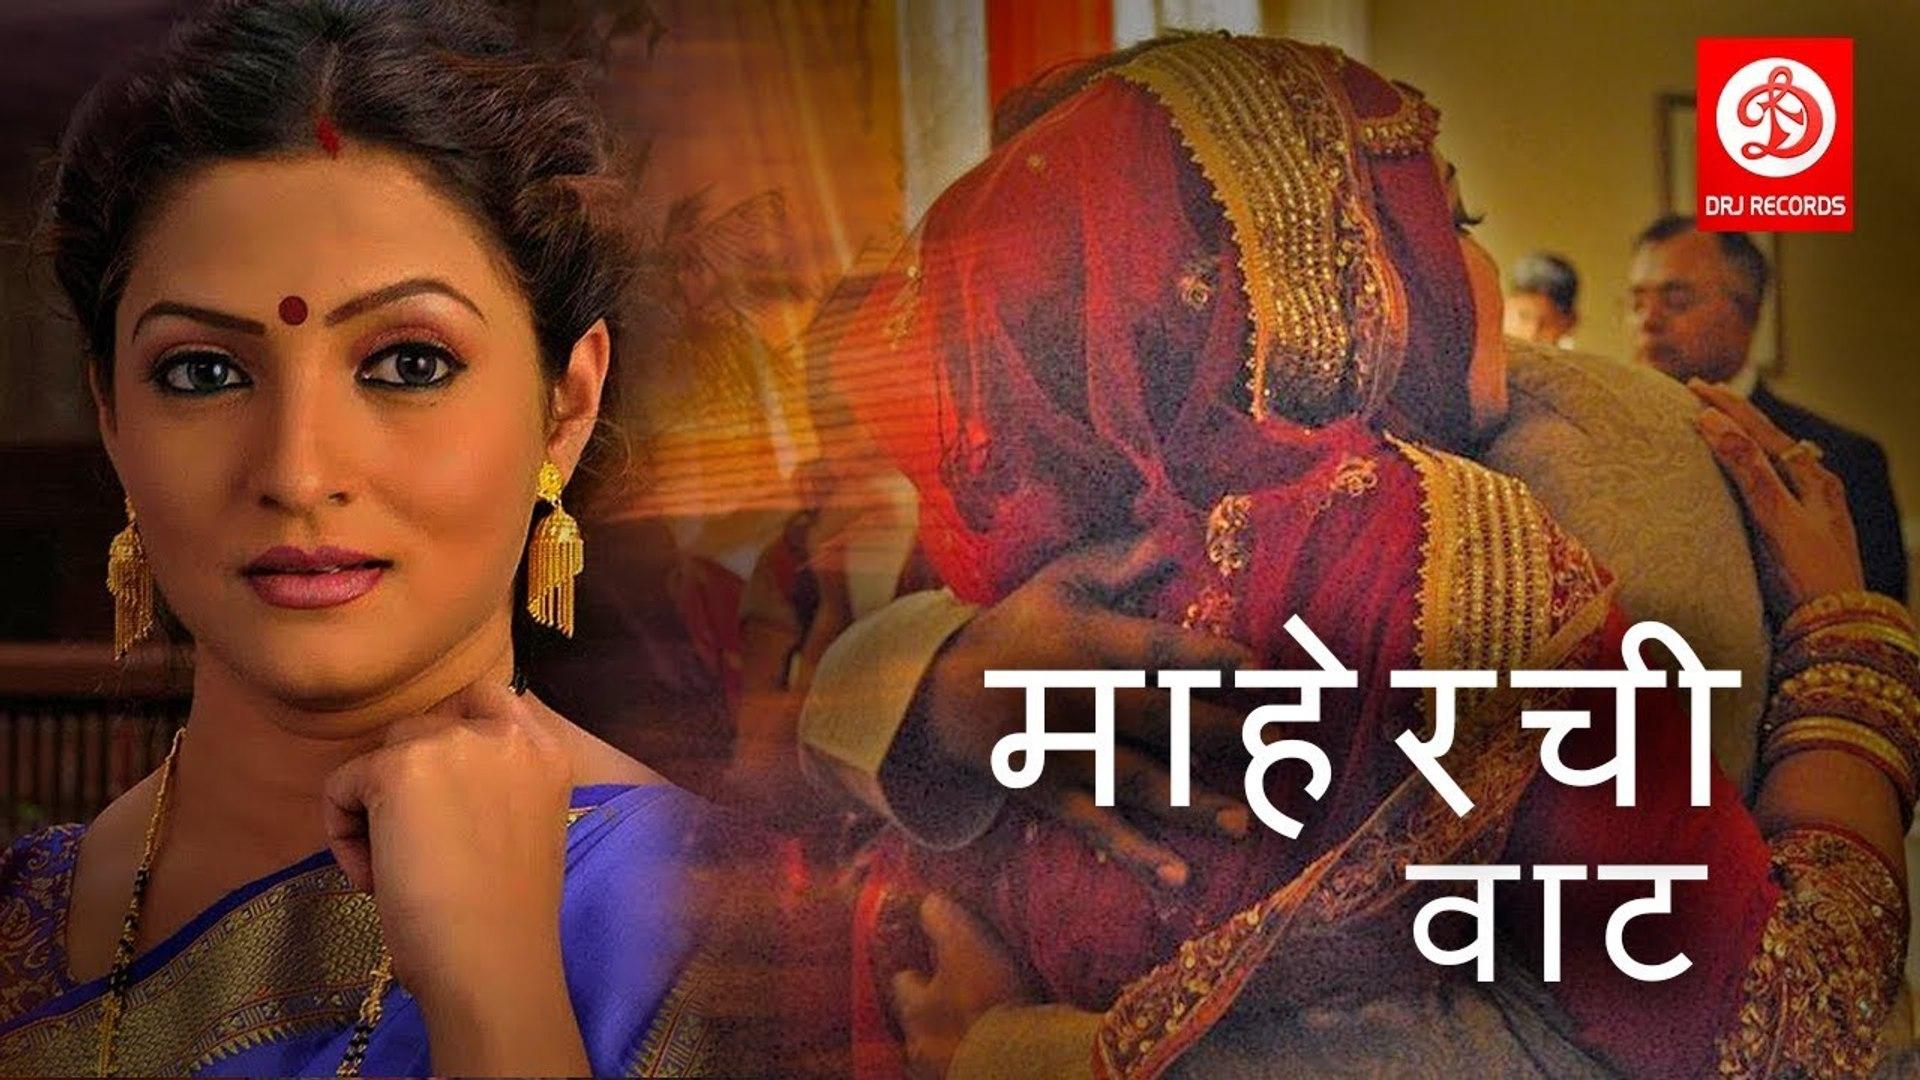 MAHERCHI VAAT | Full Marathi Movie Family Drama | Nisha Parulekar , Ravi Patvardhan